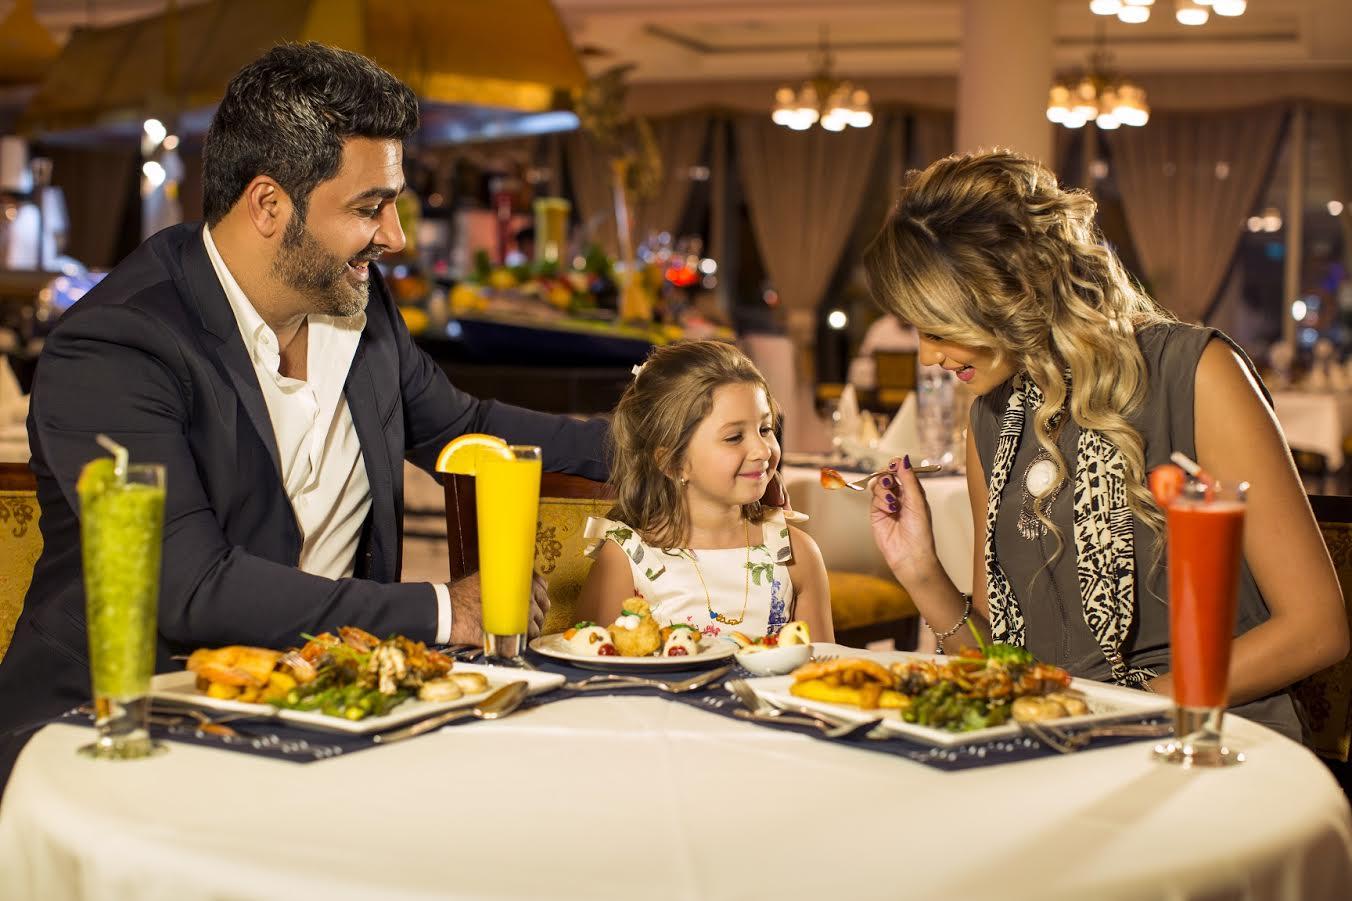 إحتفل بالعيد مع فندق ونادي ضباط القوات المسلحة في أبوظبي